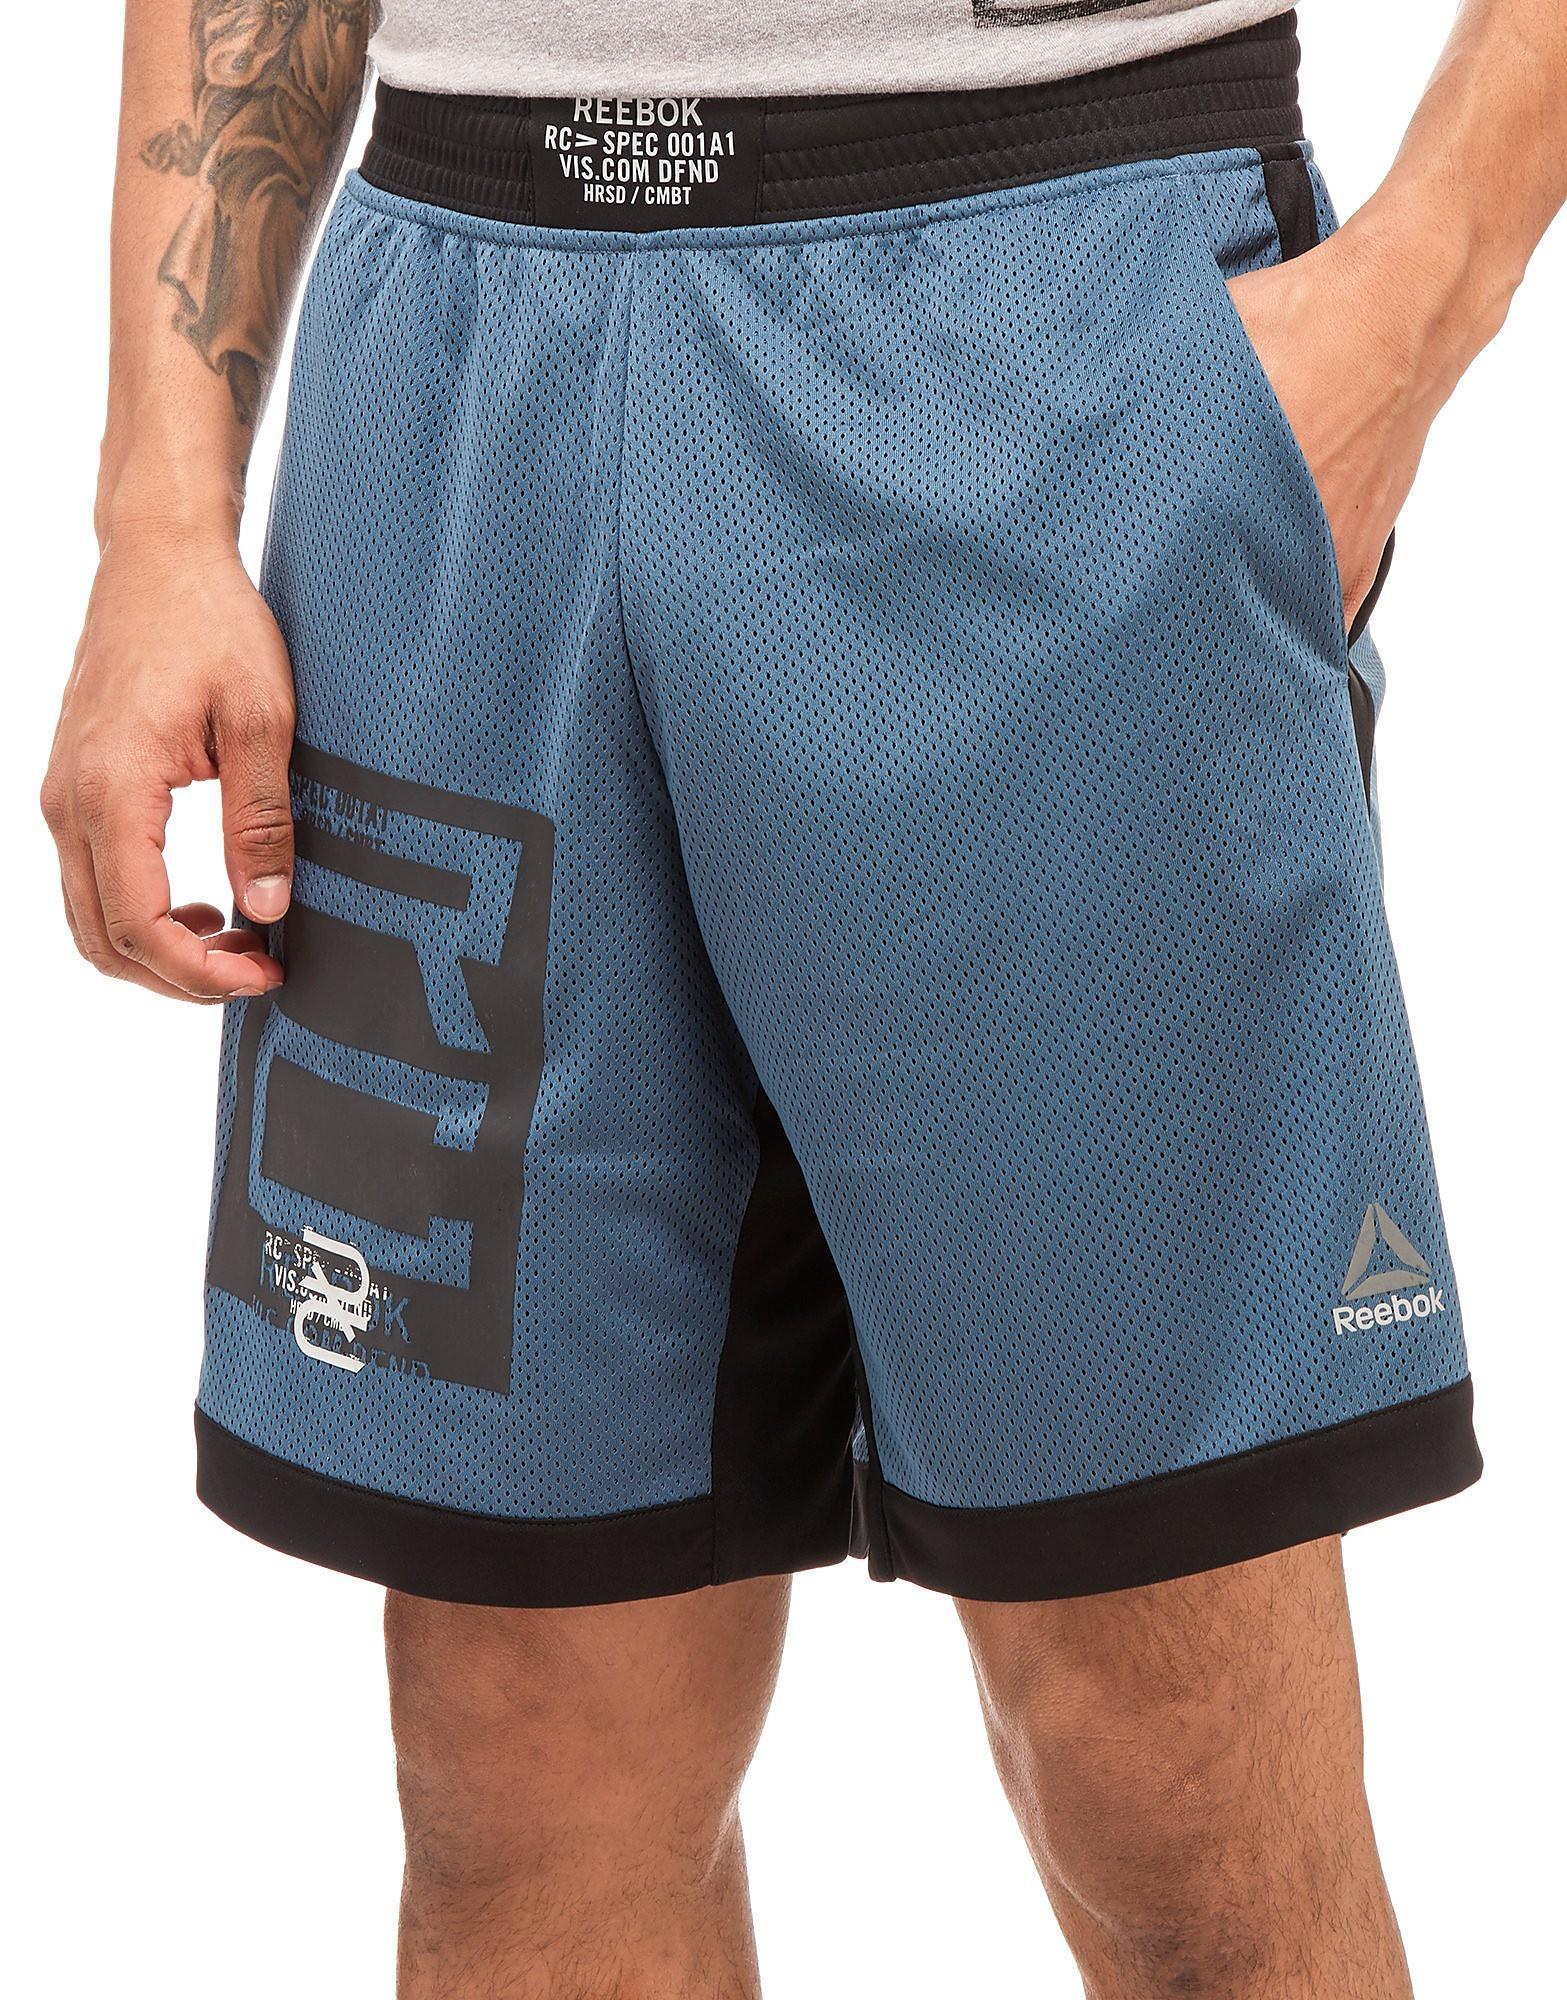 Image of   Reebok Combat Shorts til Boksning